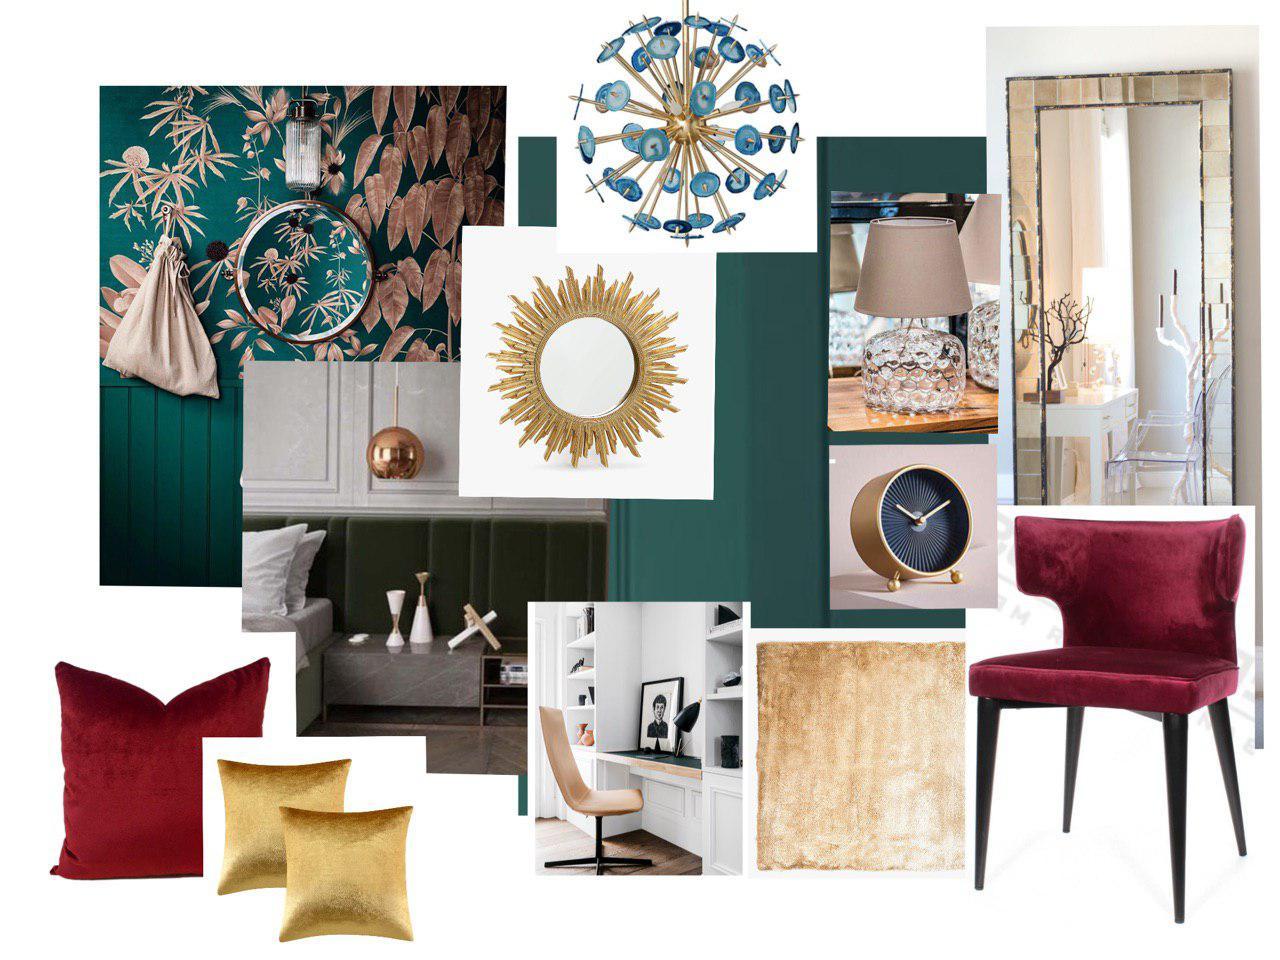 текстильное декорирование интерьеров фото